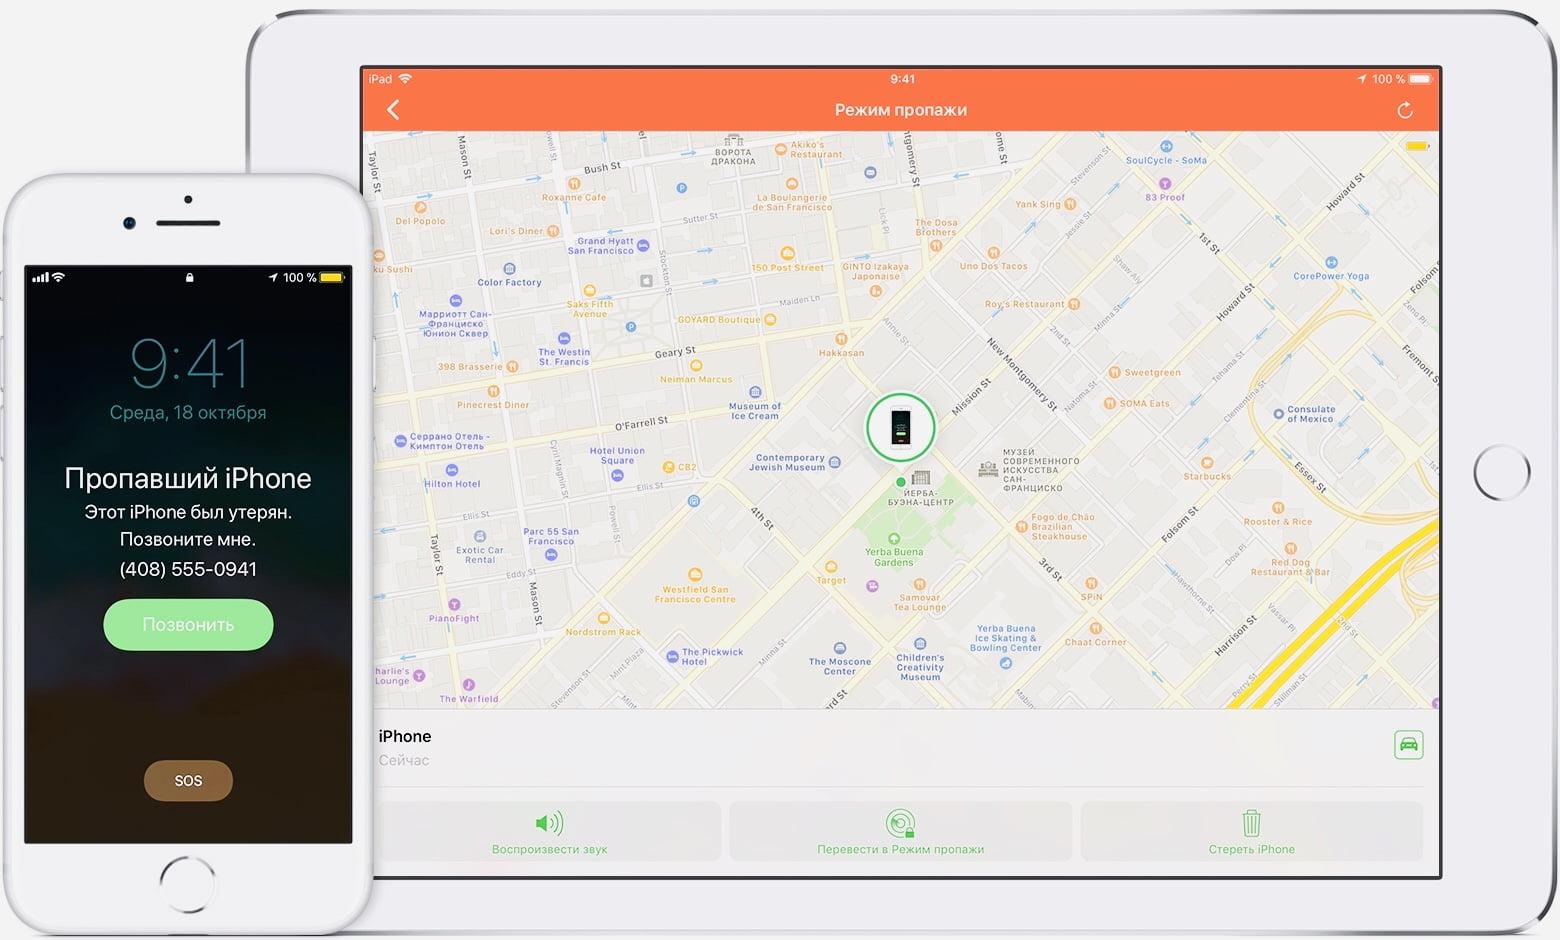 Что делать, если вы потеряли iPhone: полная инструкция